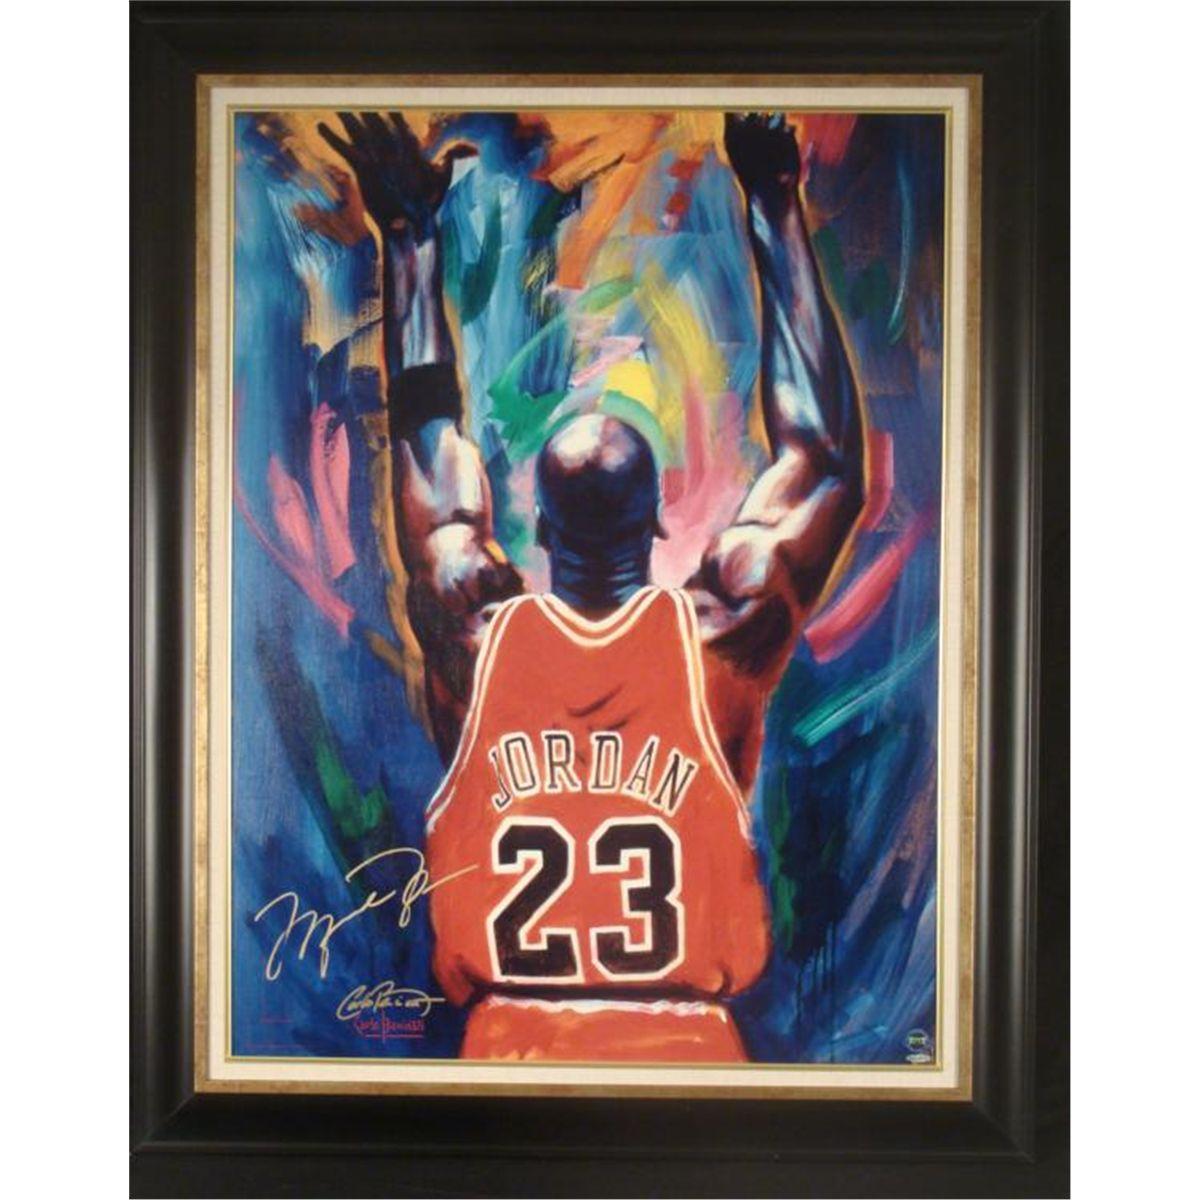 b86c8568af6 Michael Jordan Signed Art Print Frmd-Last Victory Dance. Loading zoom